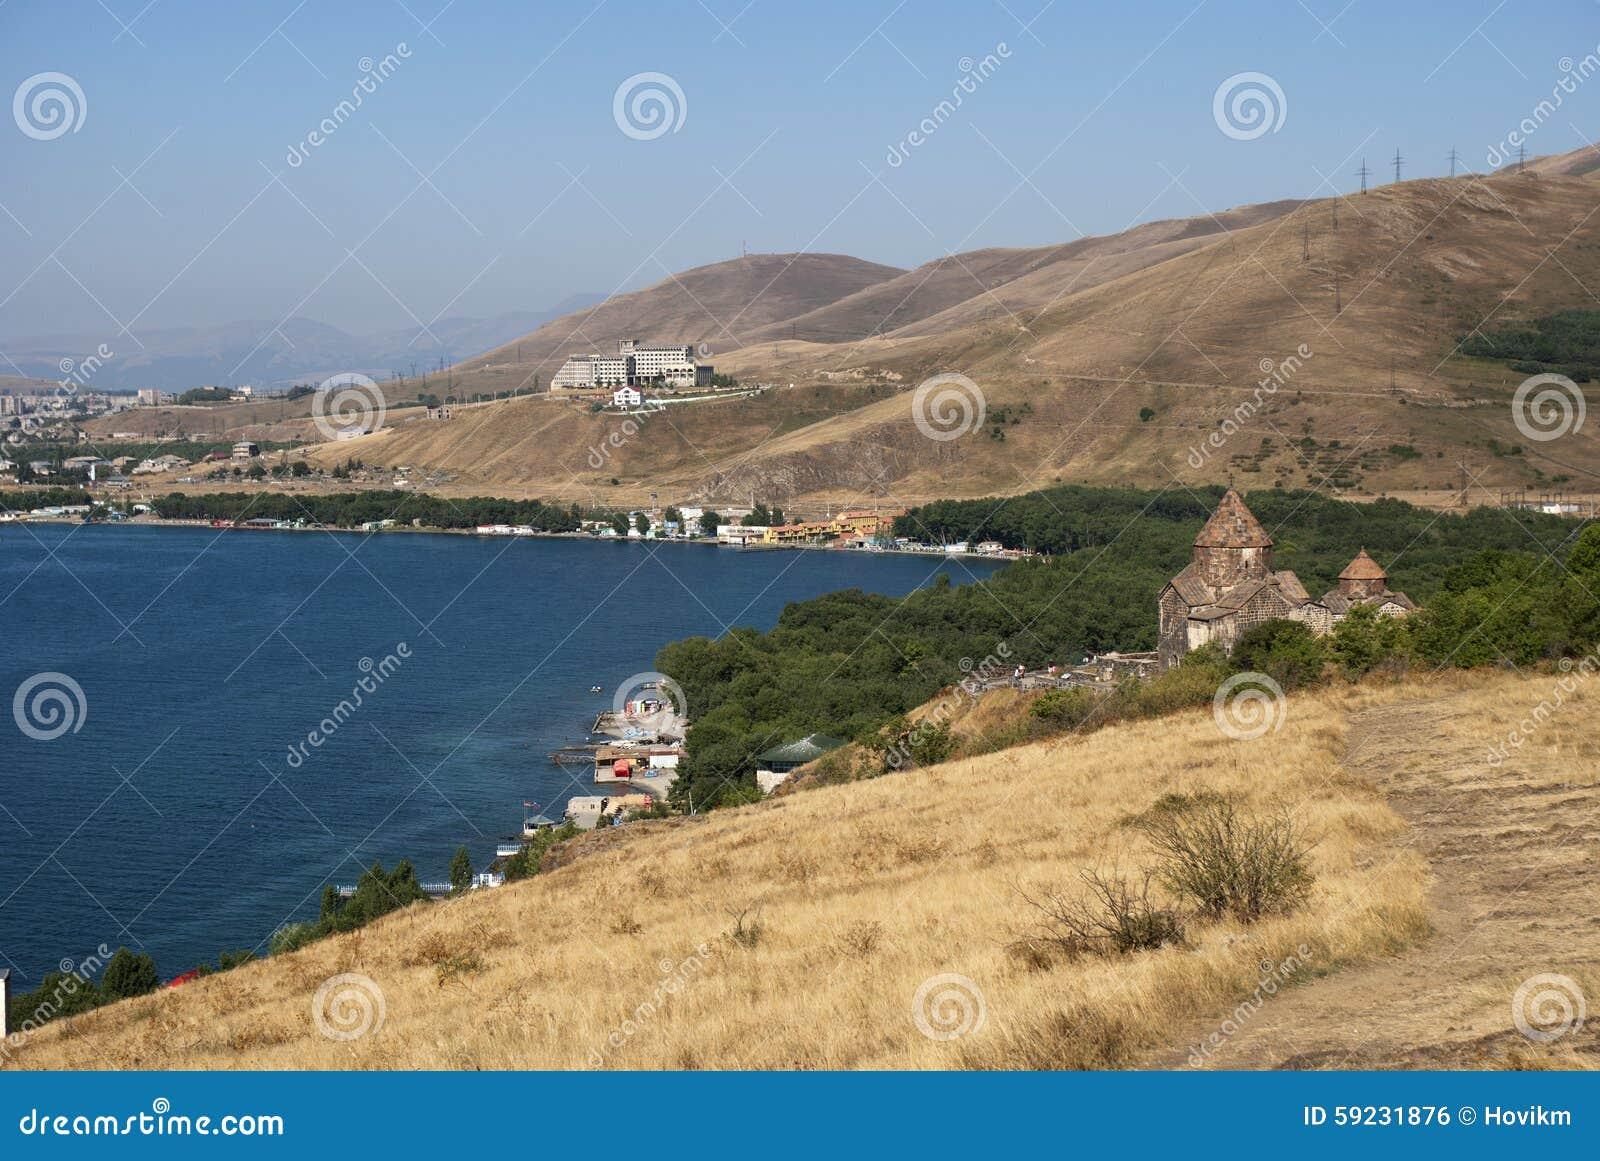 Download El Monasterio O El Sevanavank (iglesia) De La Isla En La Isla De Sevan, Armenia Foto de archivo - Imagen de mariam, isla: 59231876